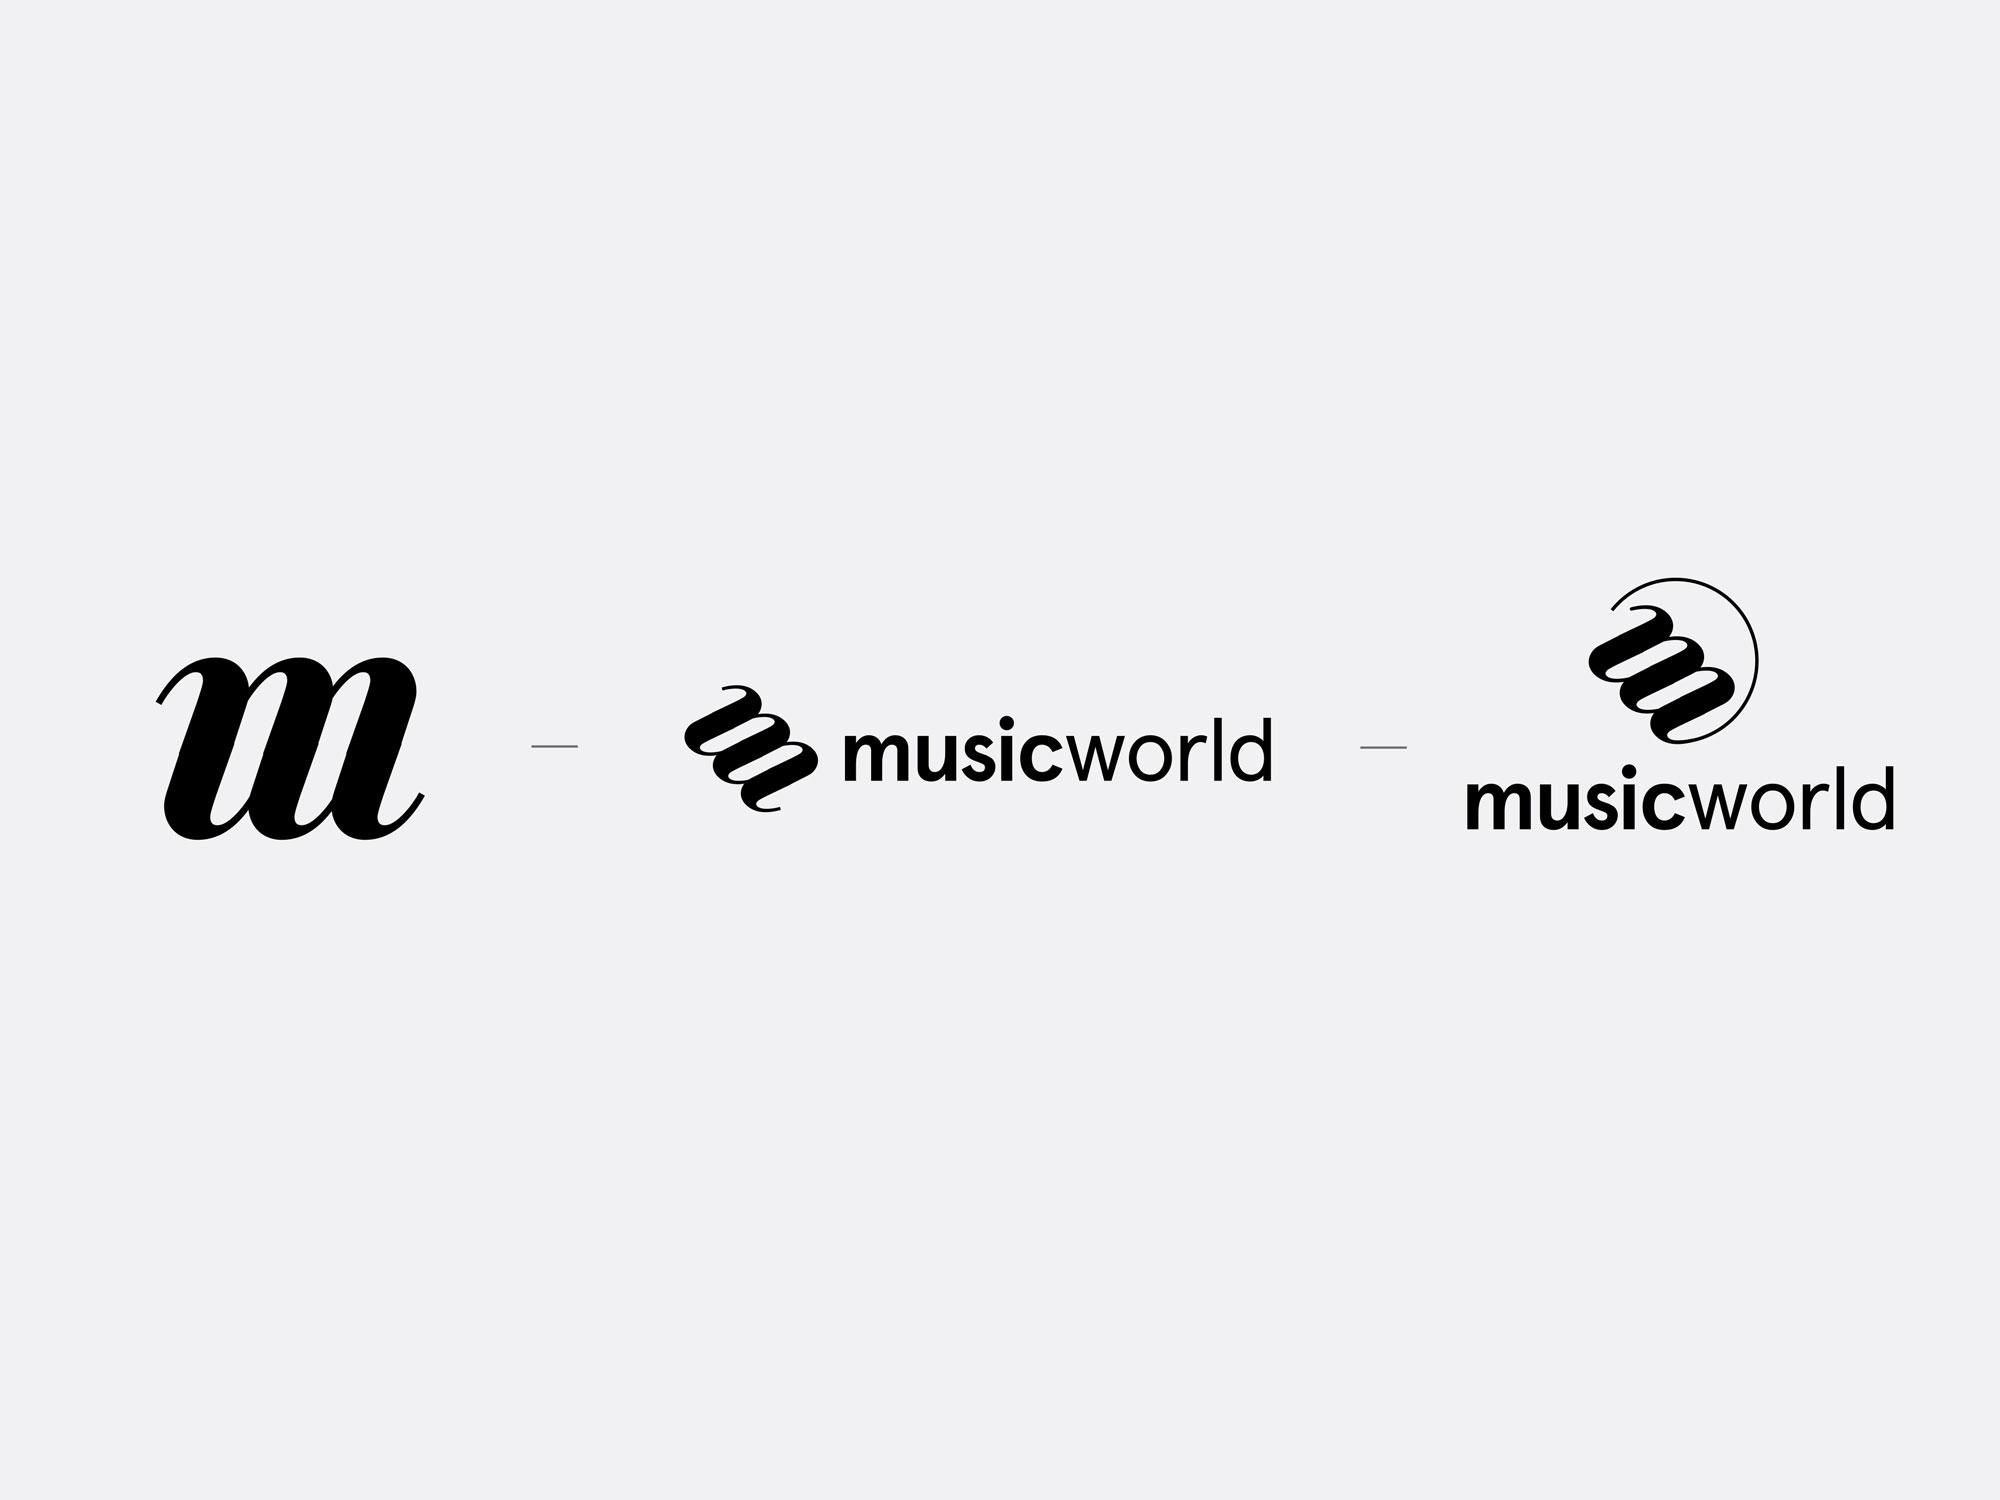 Musicworld_Gallery_1